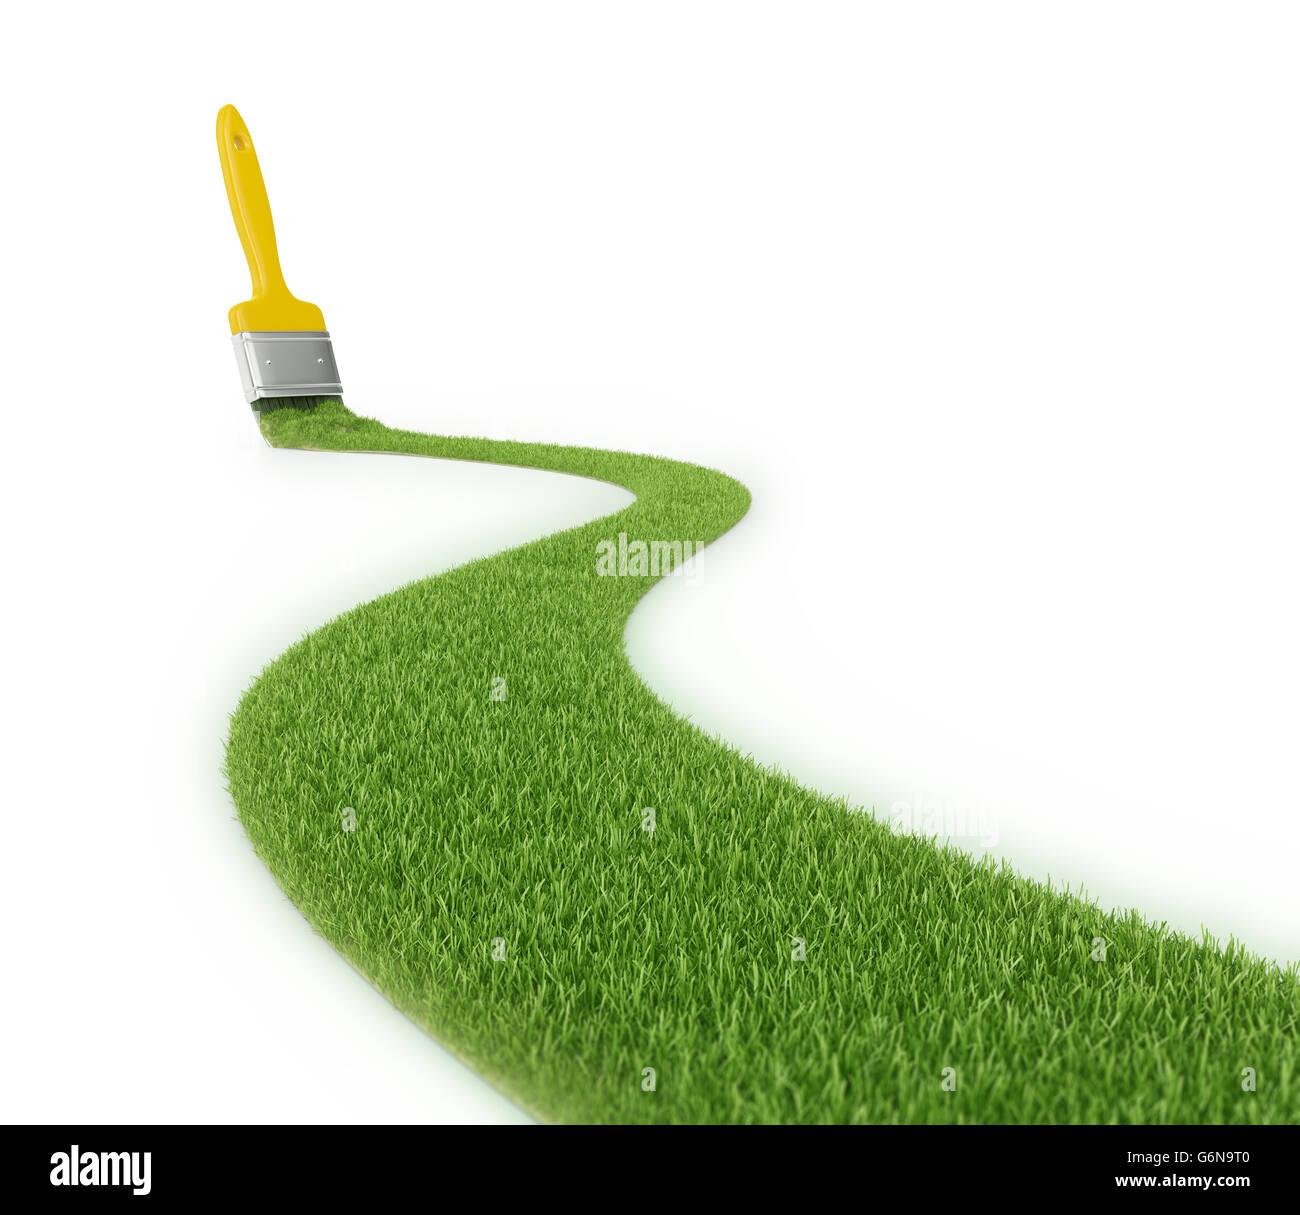 Voie d'herbe fait d'un trait de pinceau - 3D illustration Photo Stock